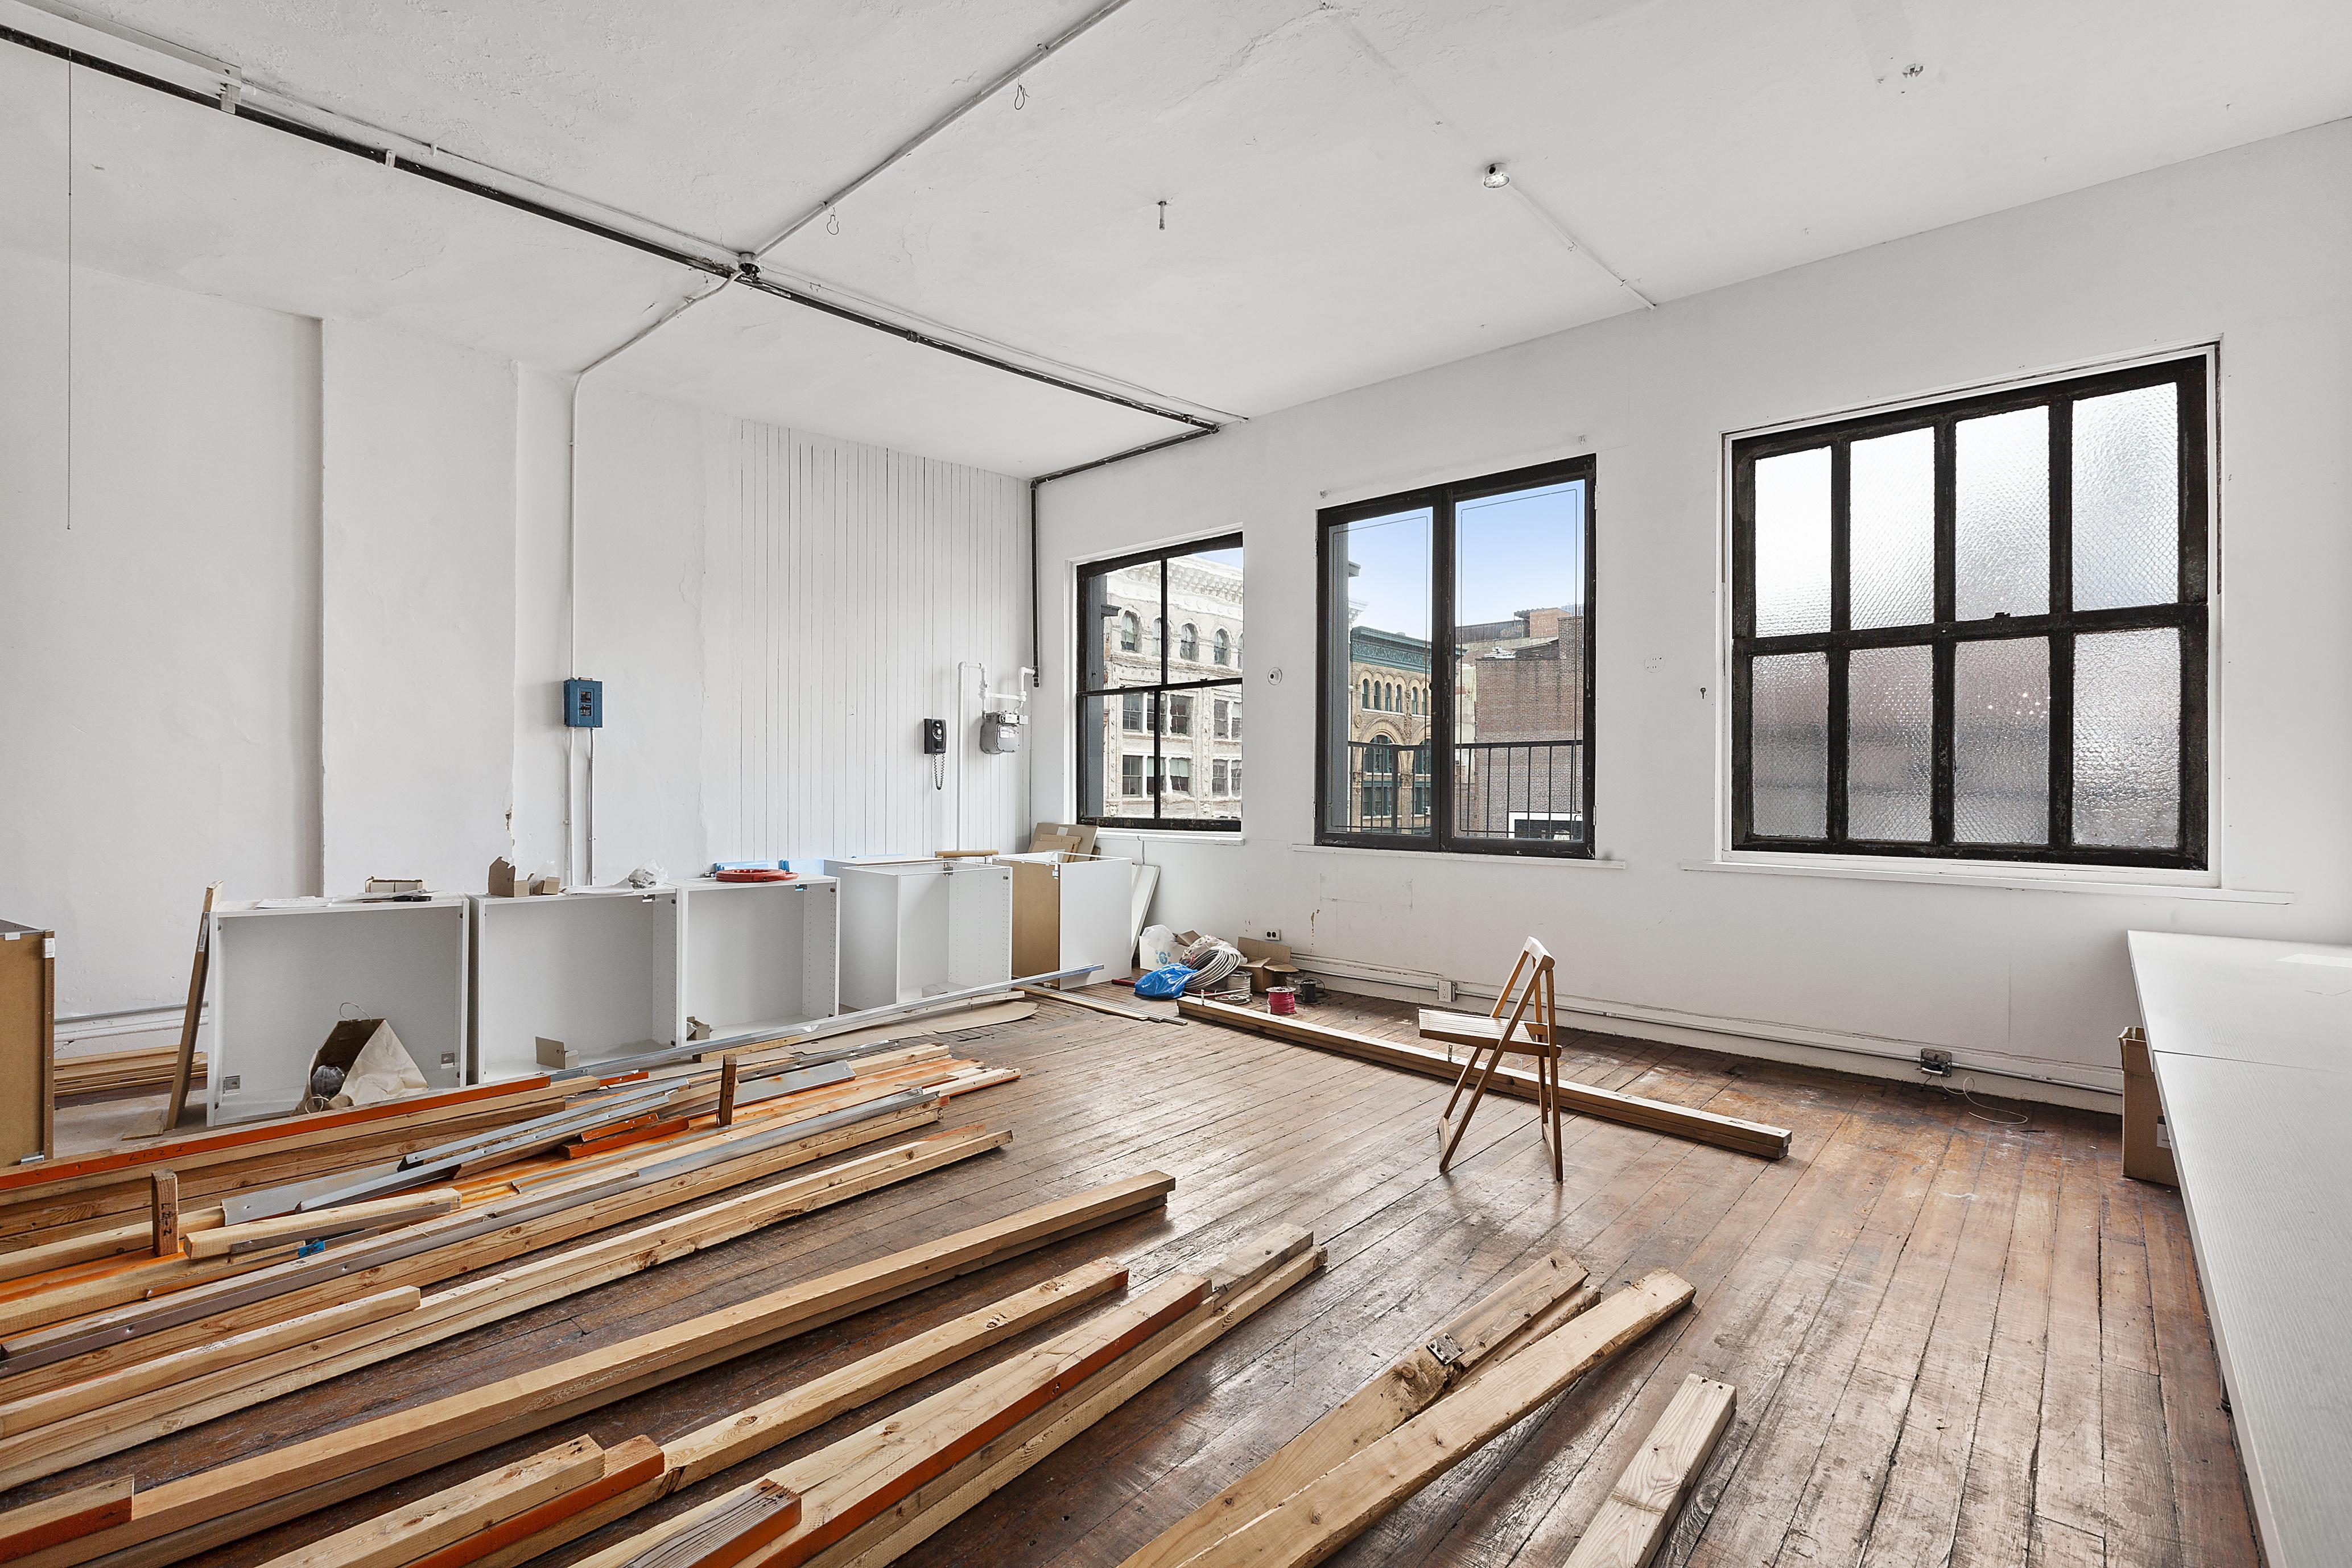 147 Spring Street, 5th floor New York City, NY 10012